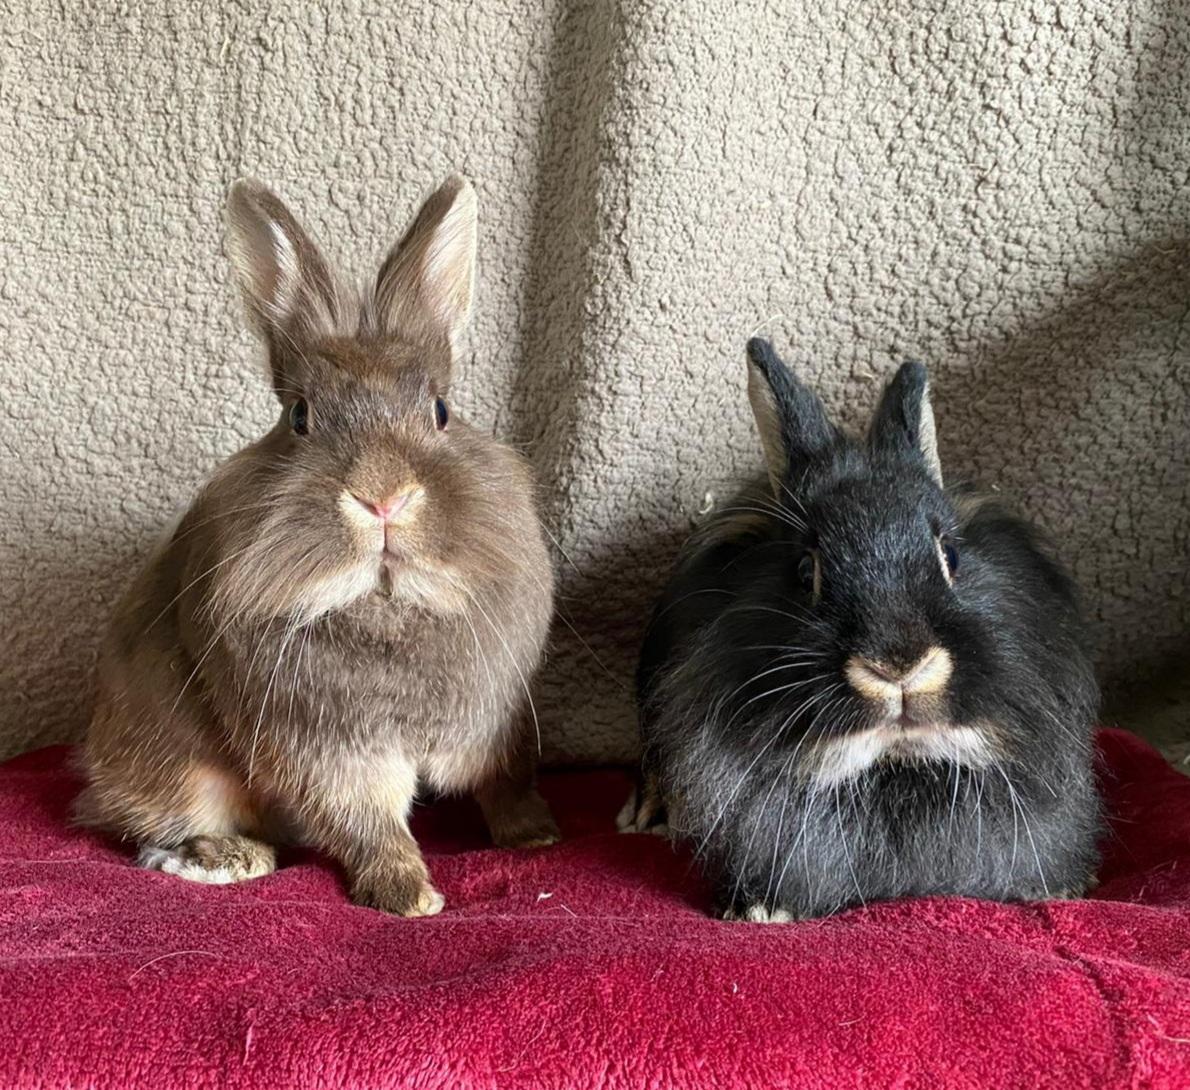 huisdier huisdieren konijn konijnen dierenasiel arduin